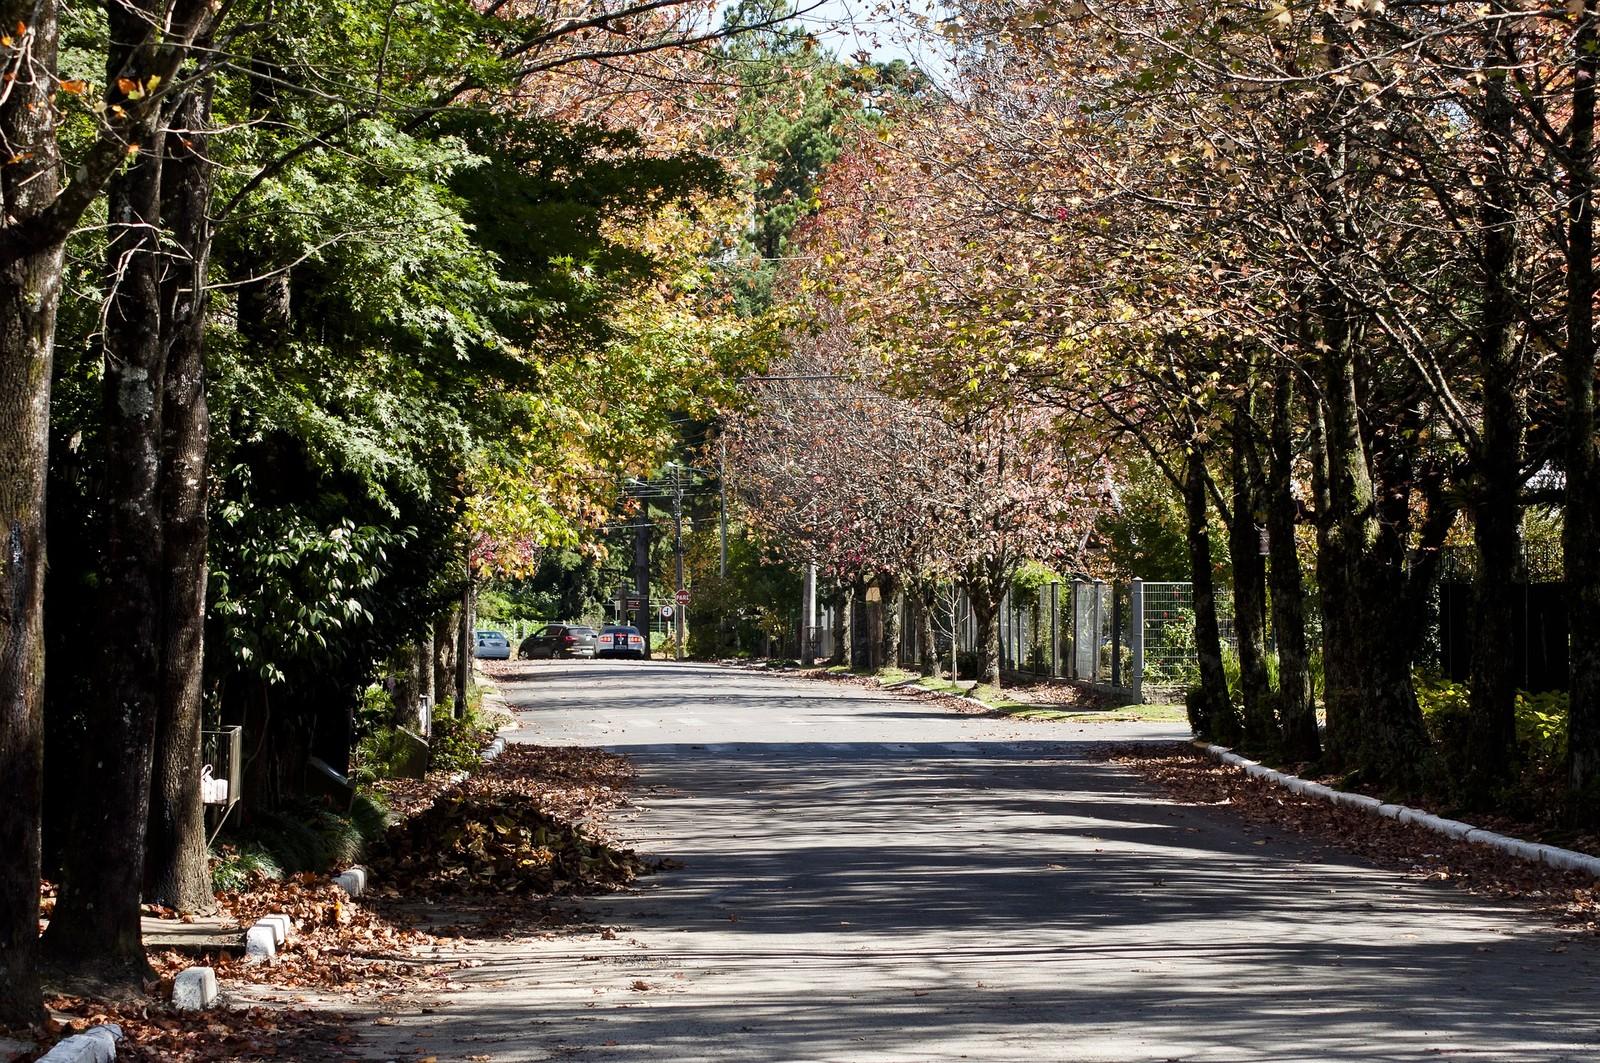 Outono começa nesta quarta-feira